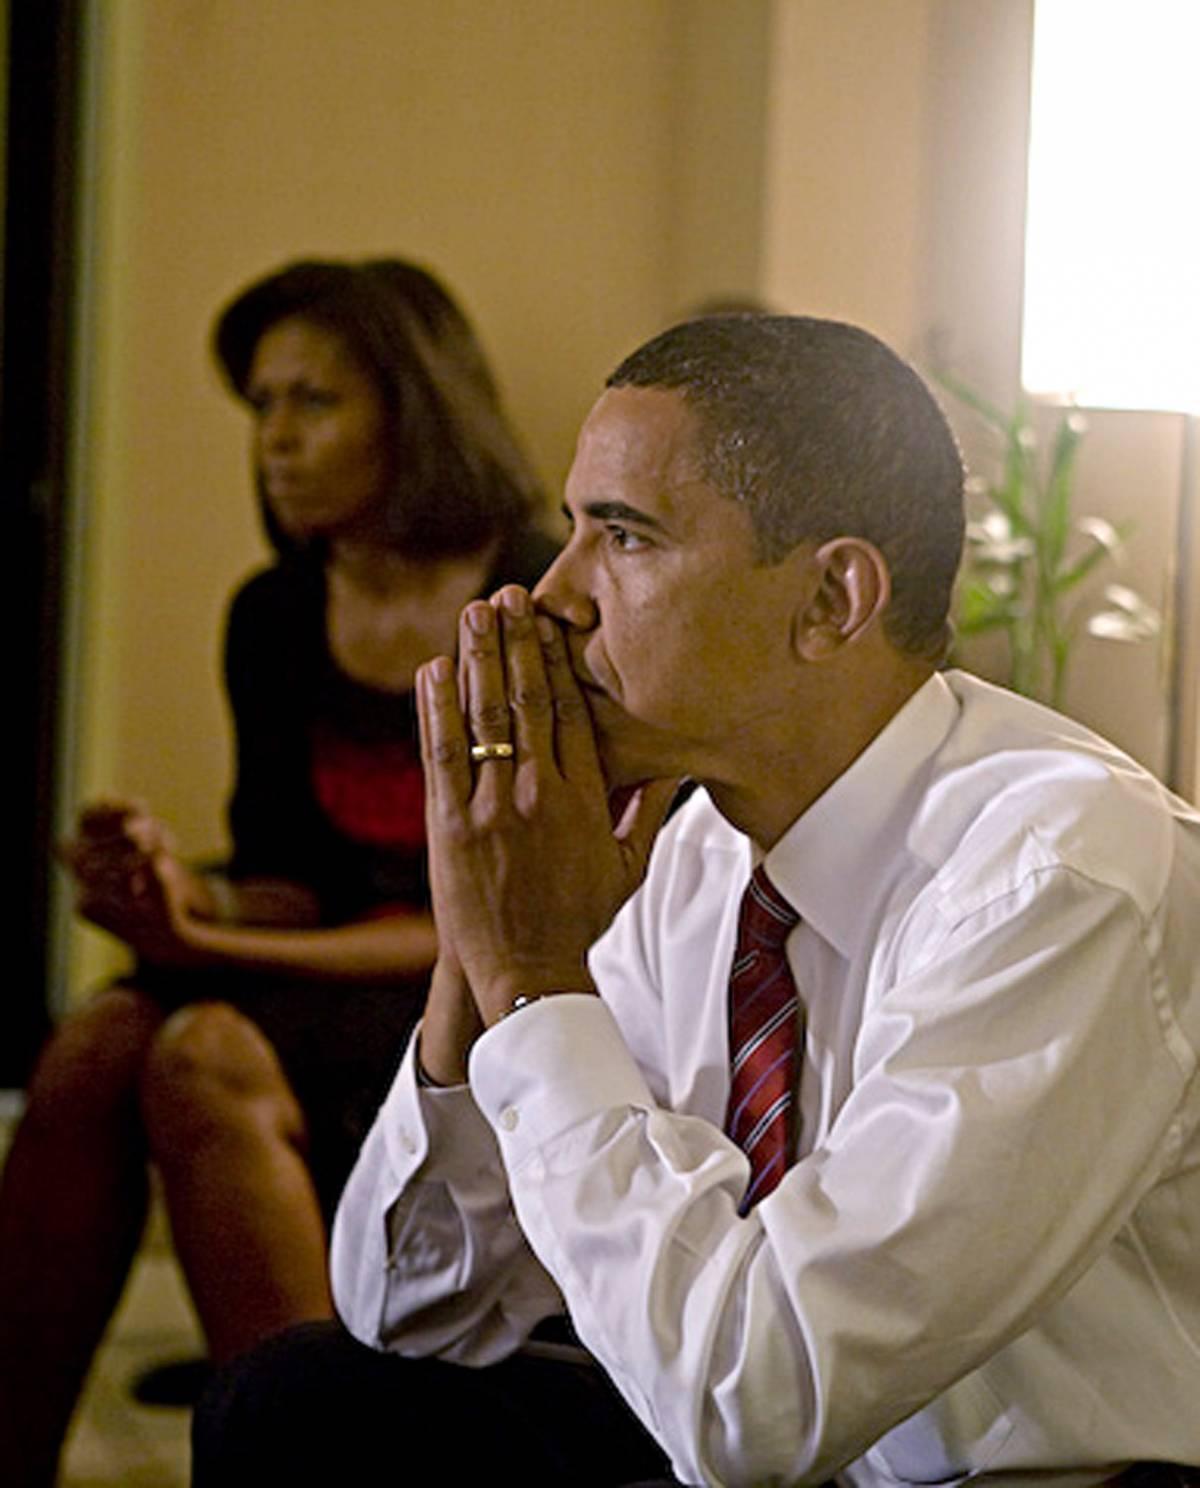 """Con il mitra al comizio di Obama  In Arizona si può: """"Non è reato"""""""